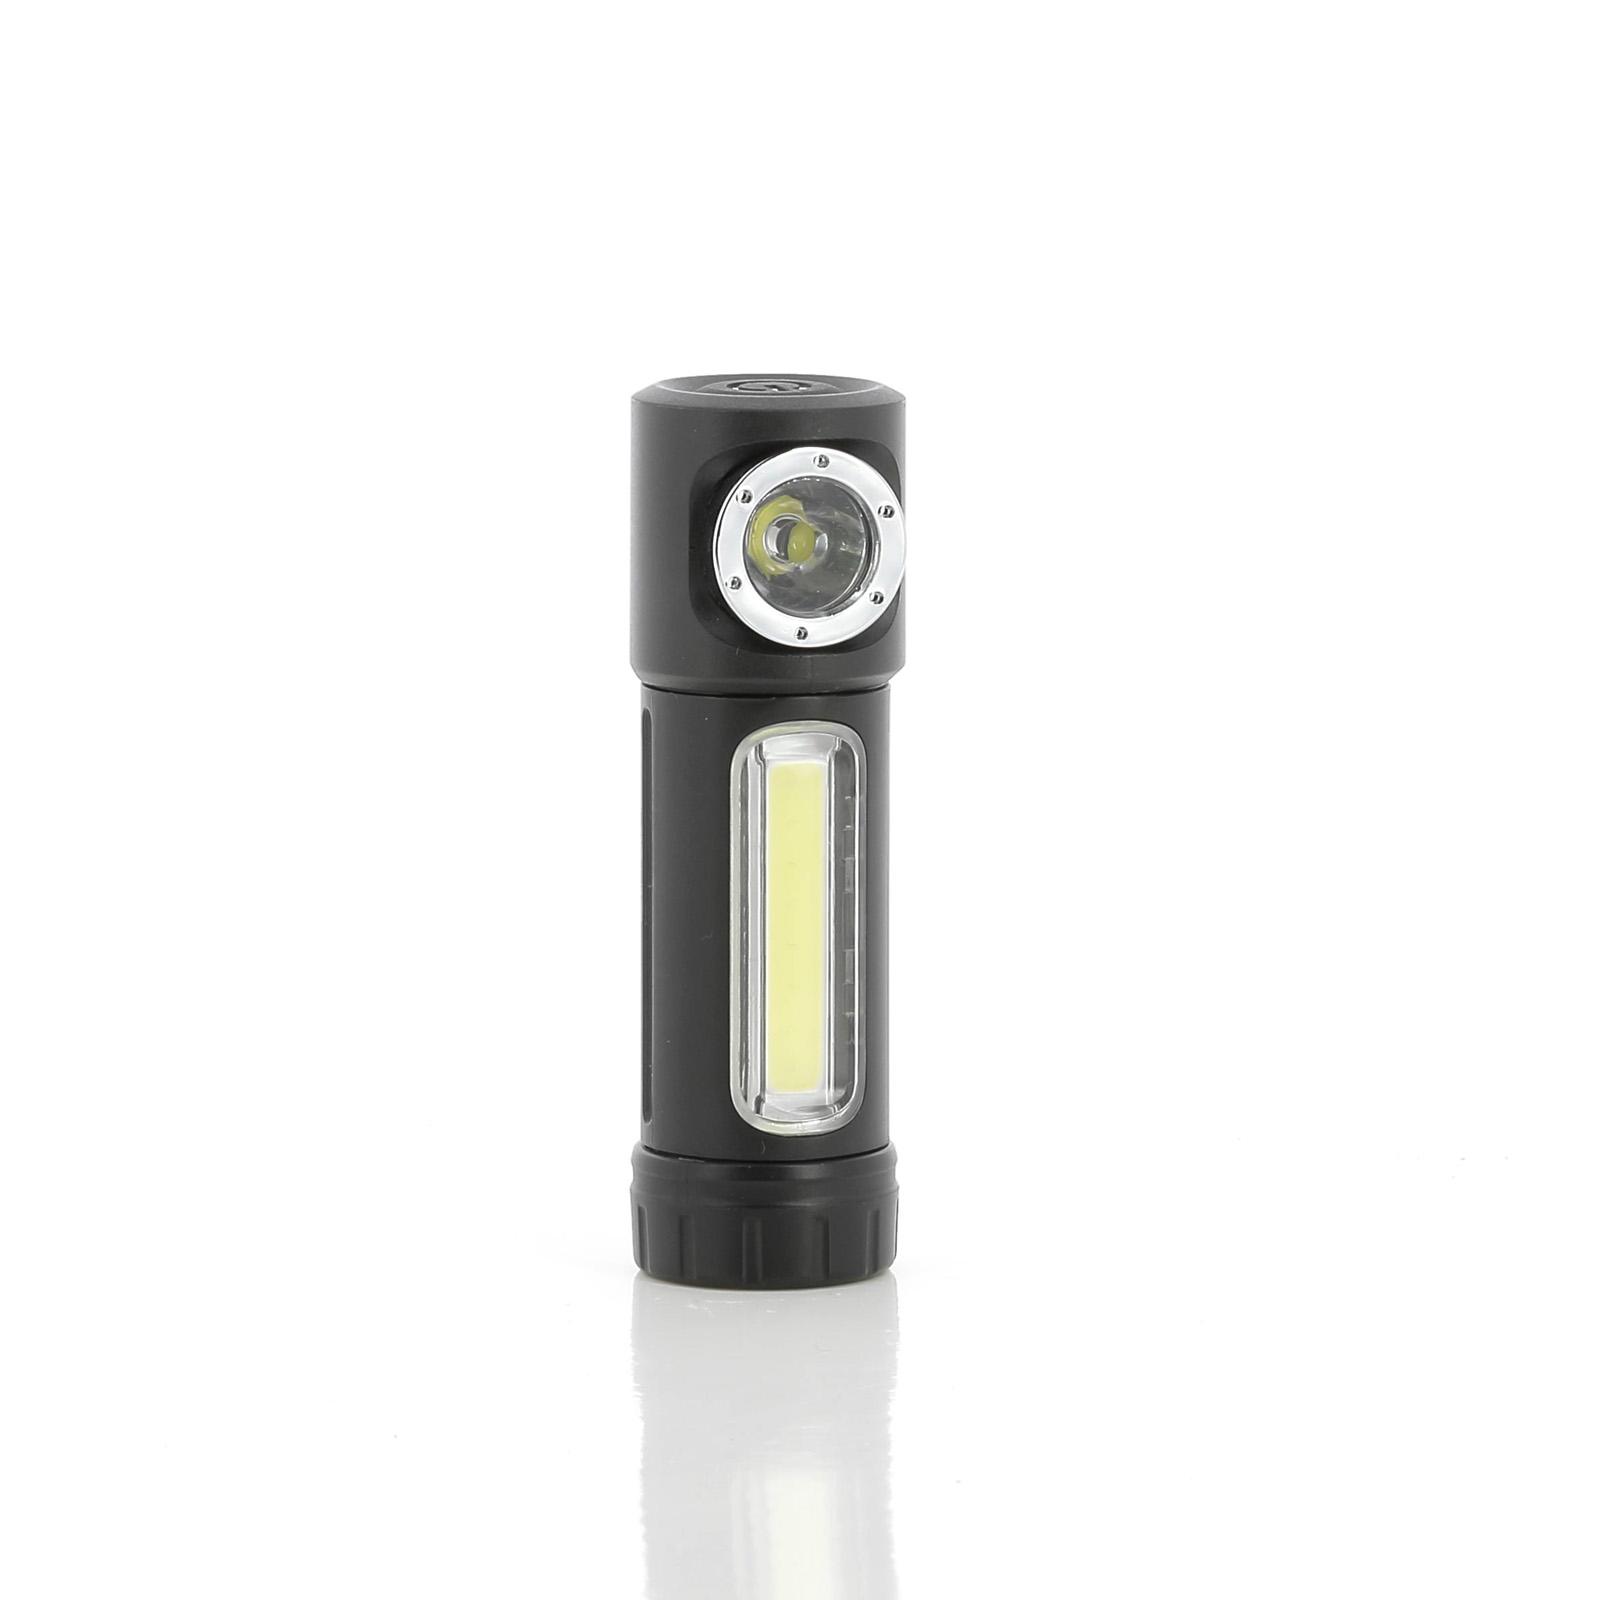 Lampe Frontale Frontale Lampe MultifonctionsNatureamp; Led Led Découvertes lFcK1J